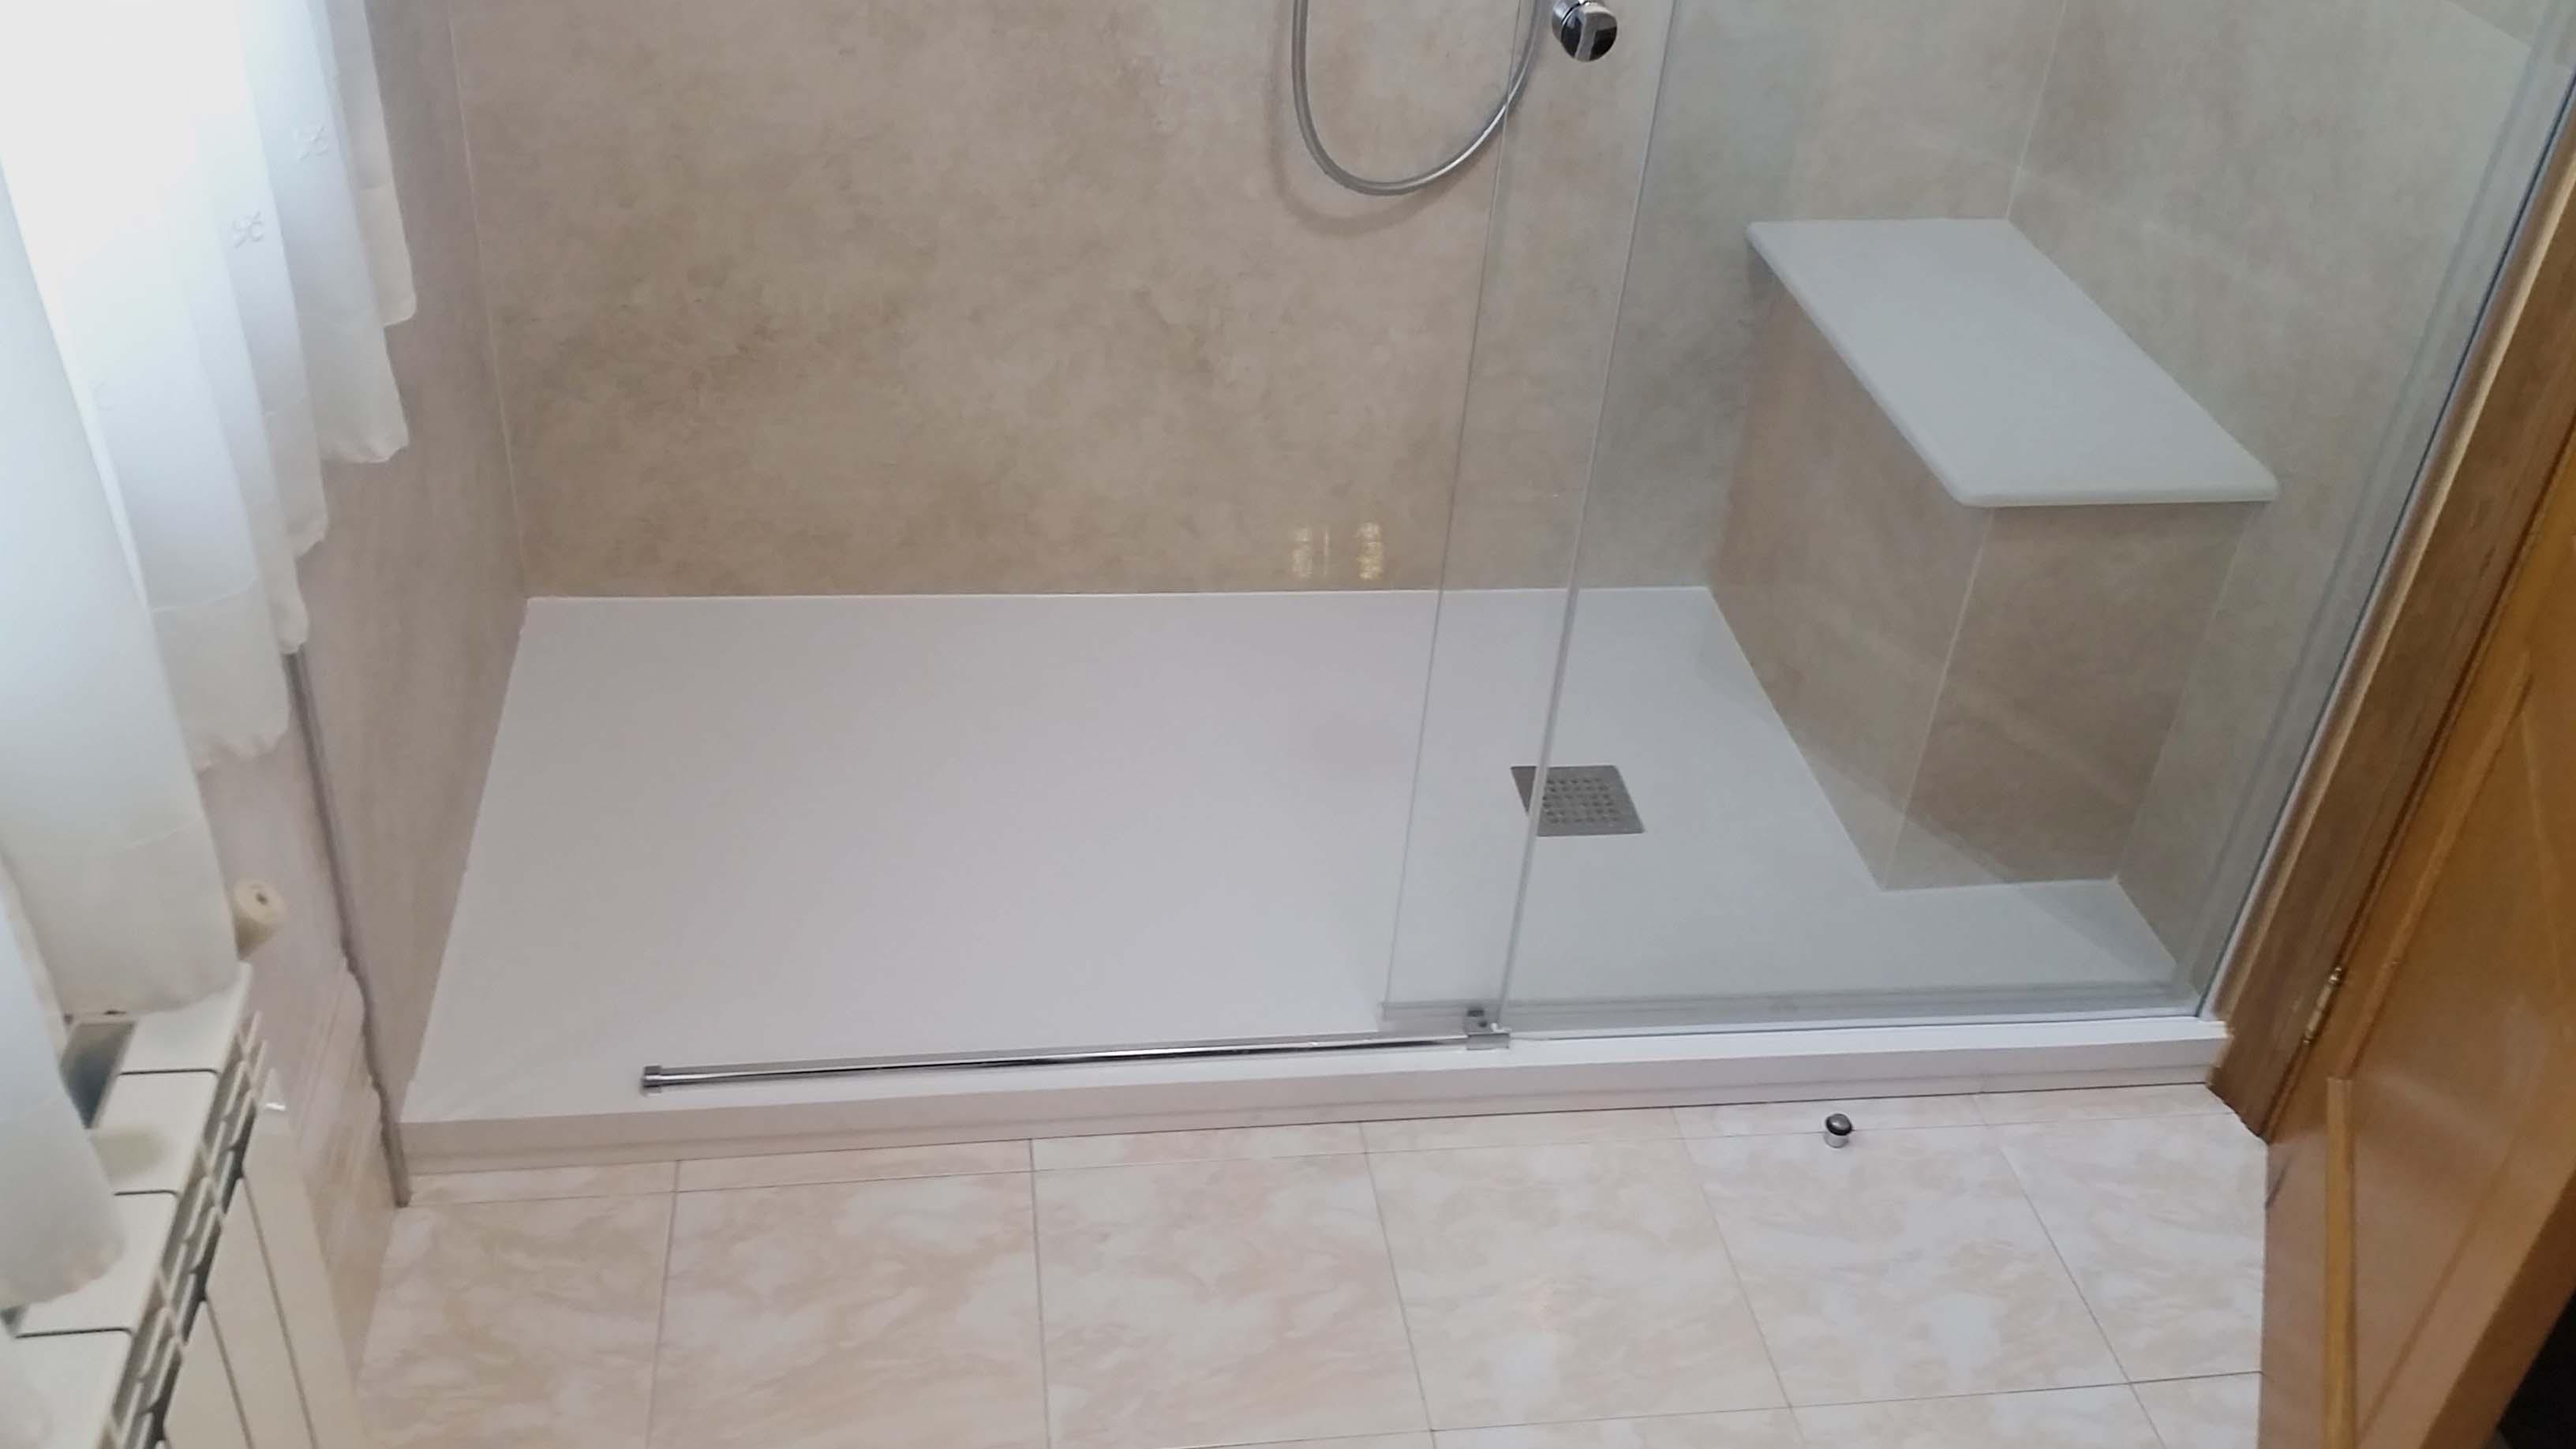 después-Baños-express-Baño-reforma-coruña-cambio bañera por plato de ducha-aseo-renovar-contratista-empresa-de-reformas-renueve su casa-Montrove_1